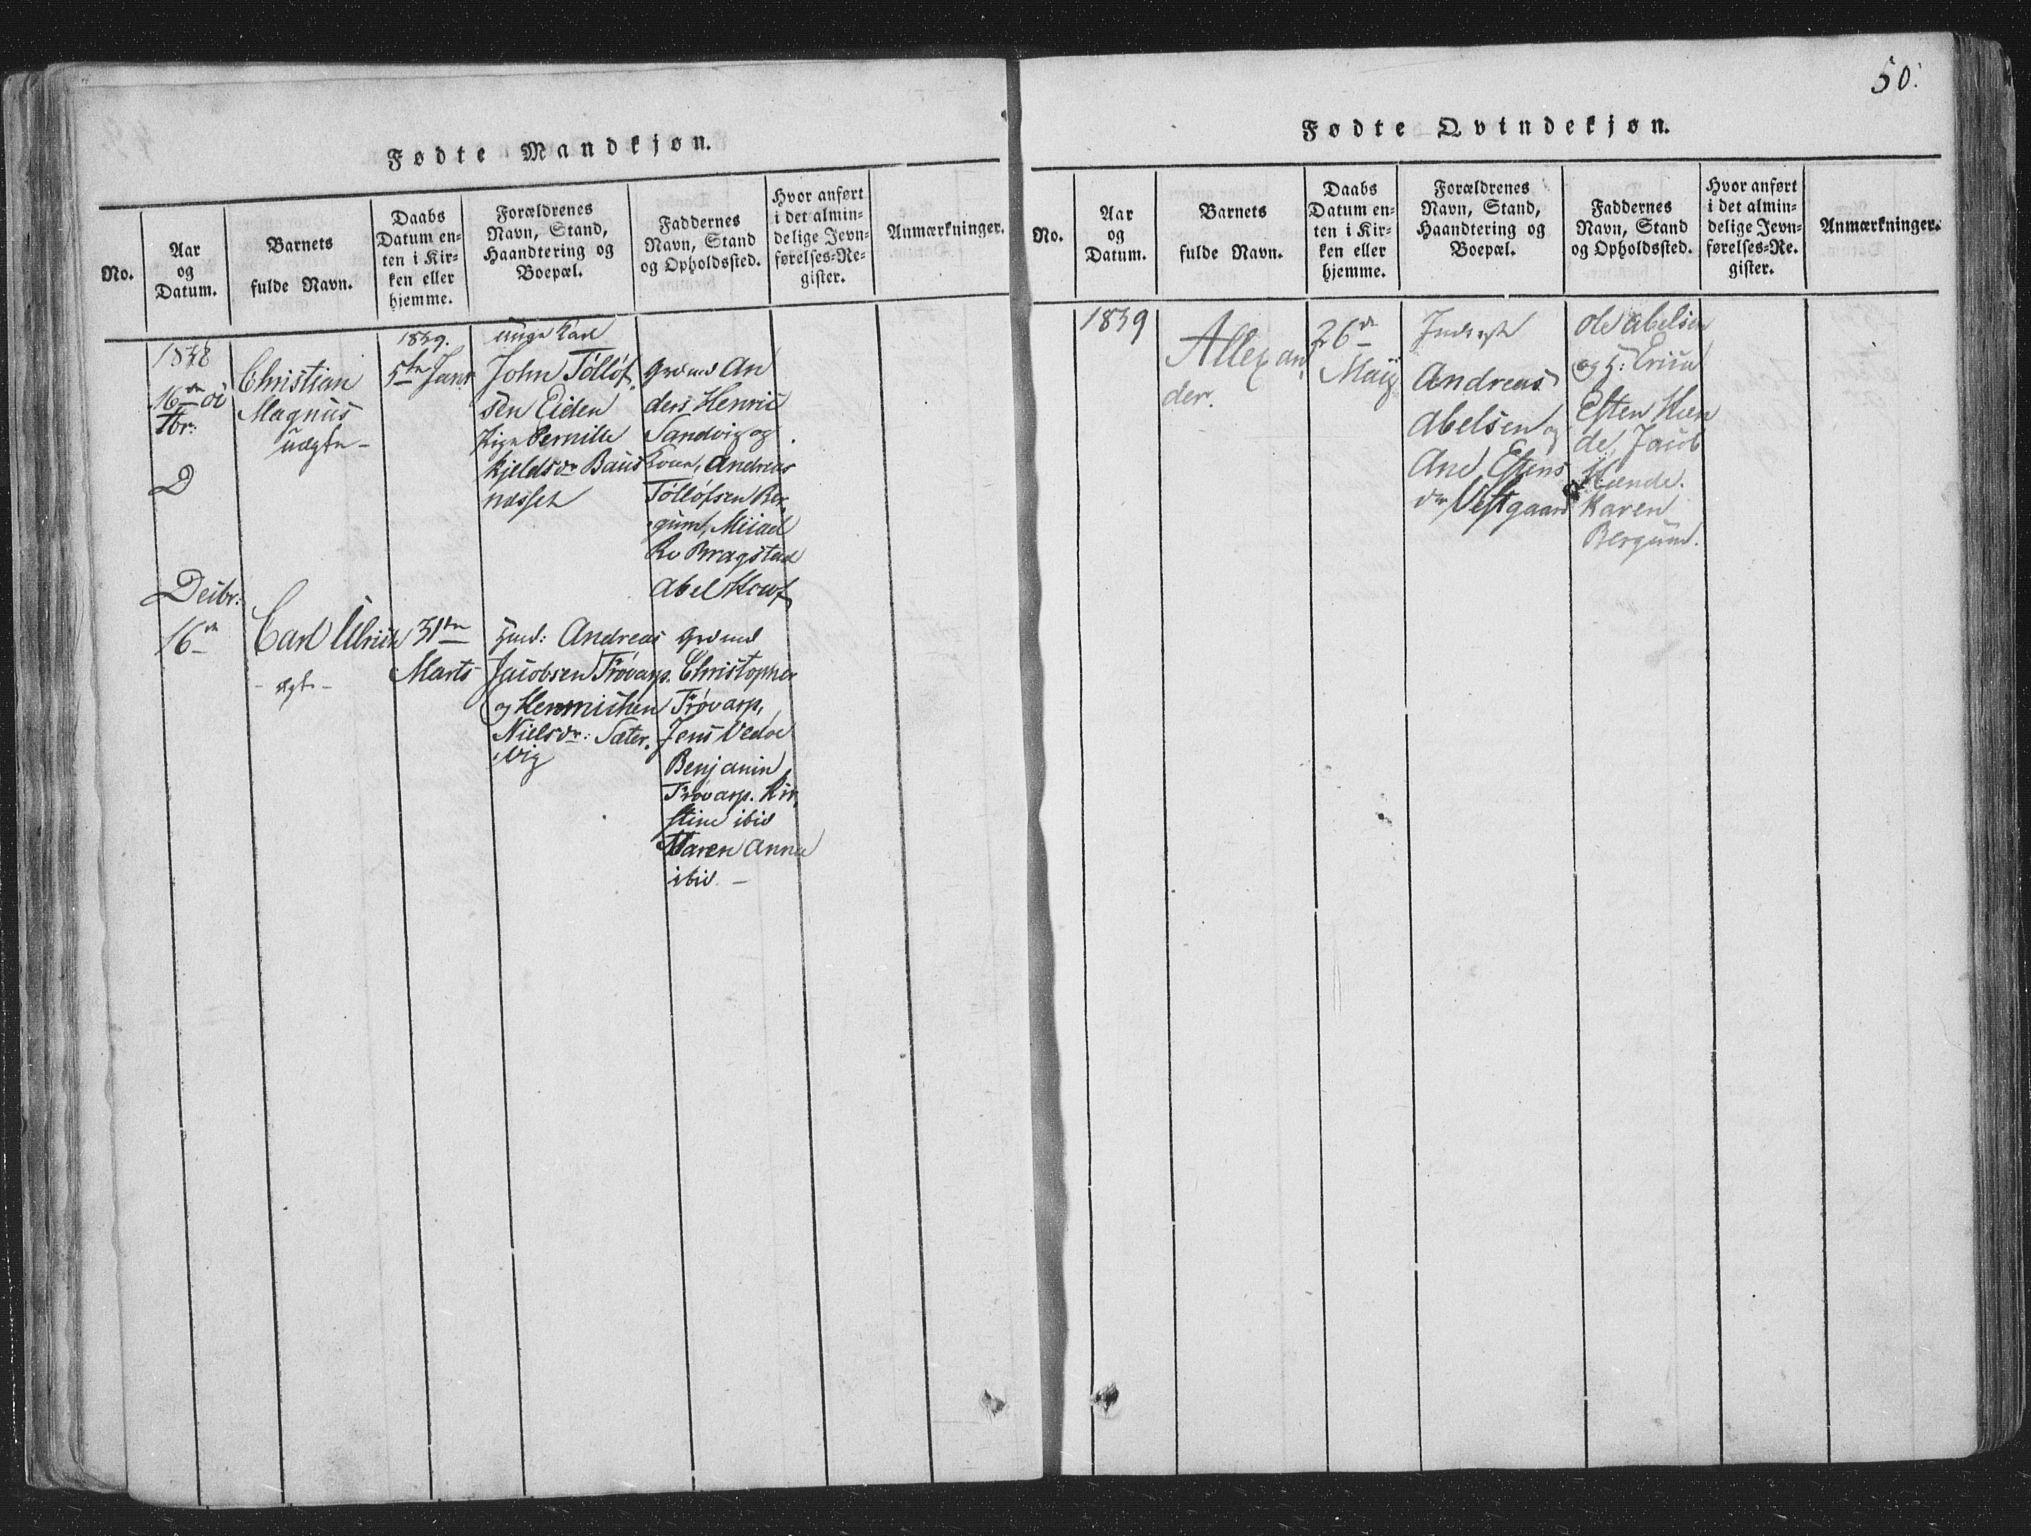 SAT, Ministerialprotokoller, klokkerbøker og fødselsregistre - Nord-Trøndelag, 773/L0613: Ministerialbok nr. 773A04, 1815-1845, s. 50